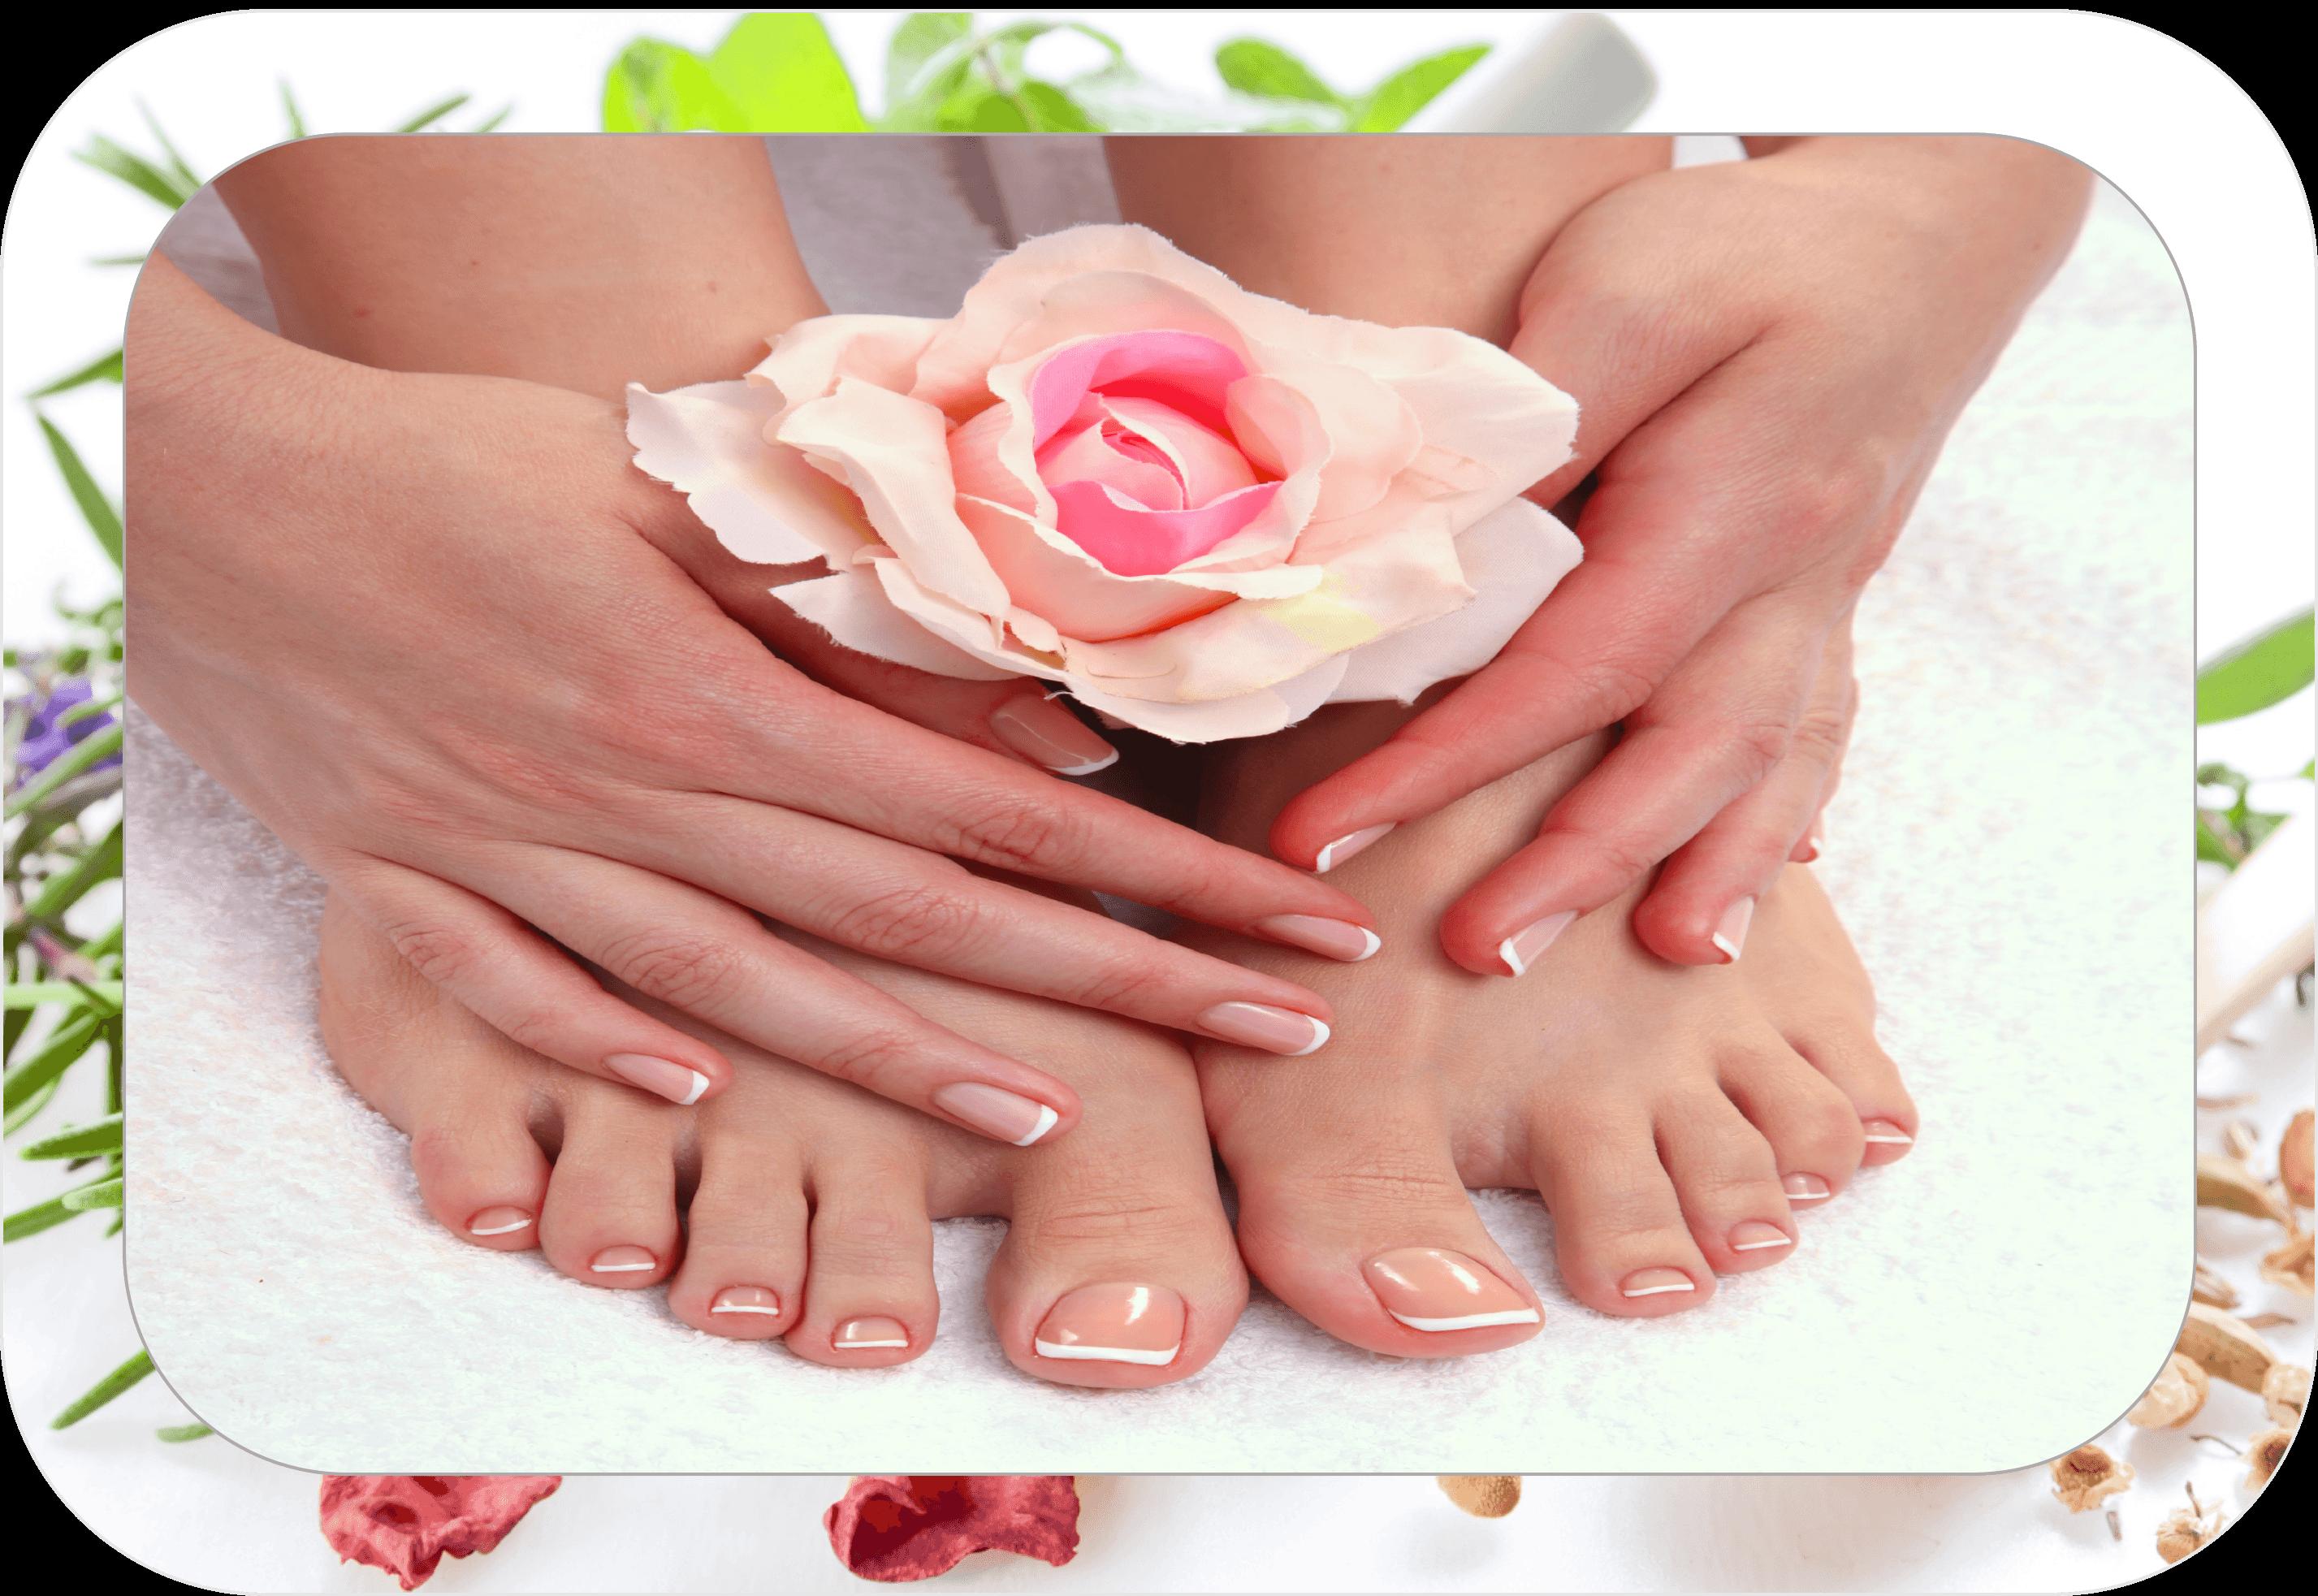 Nails clipart nail care. Spa pedicure salon